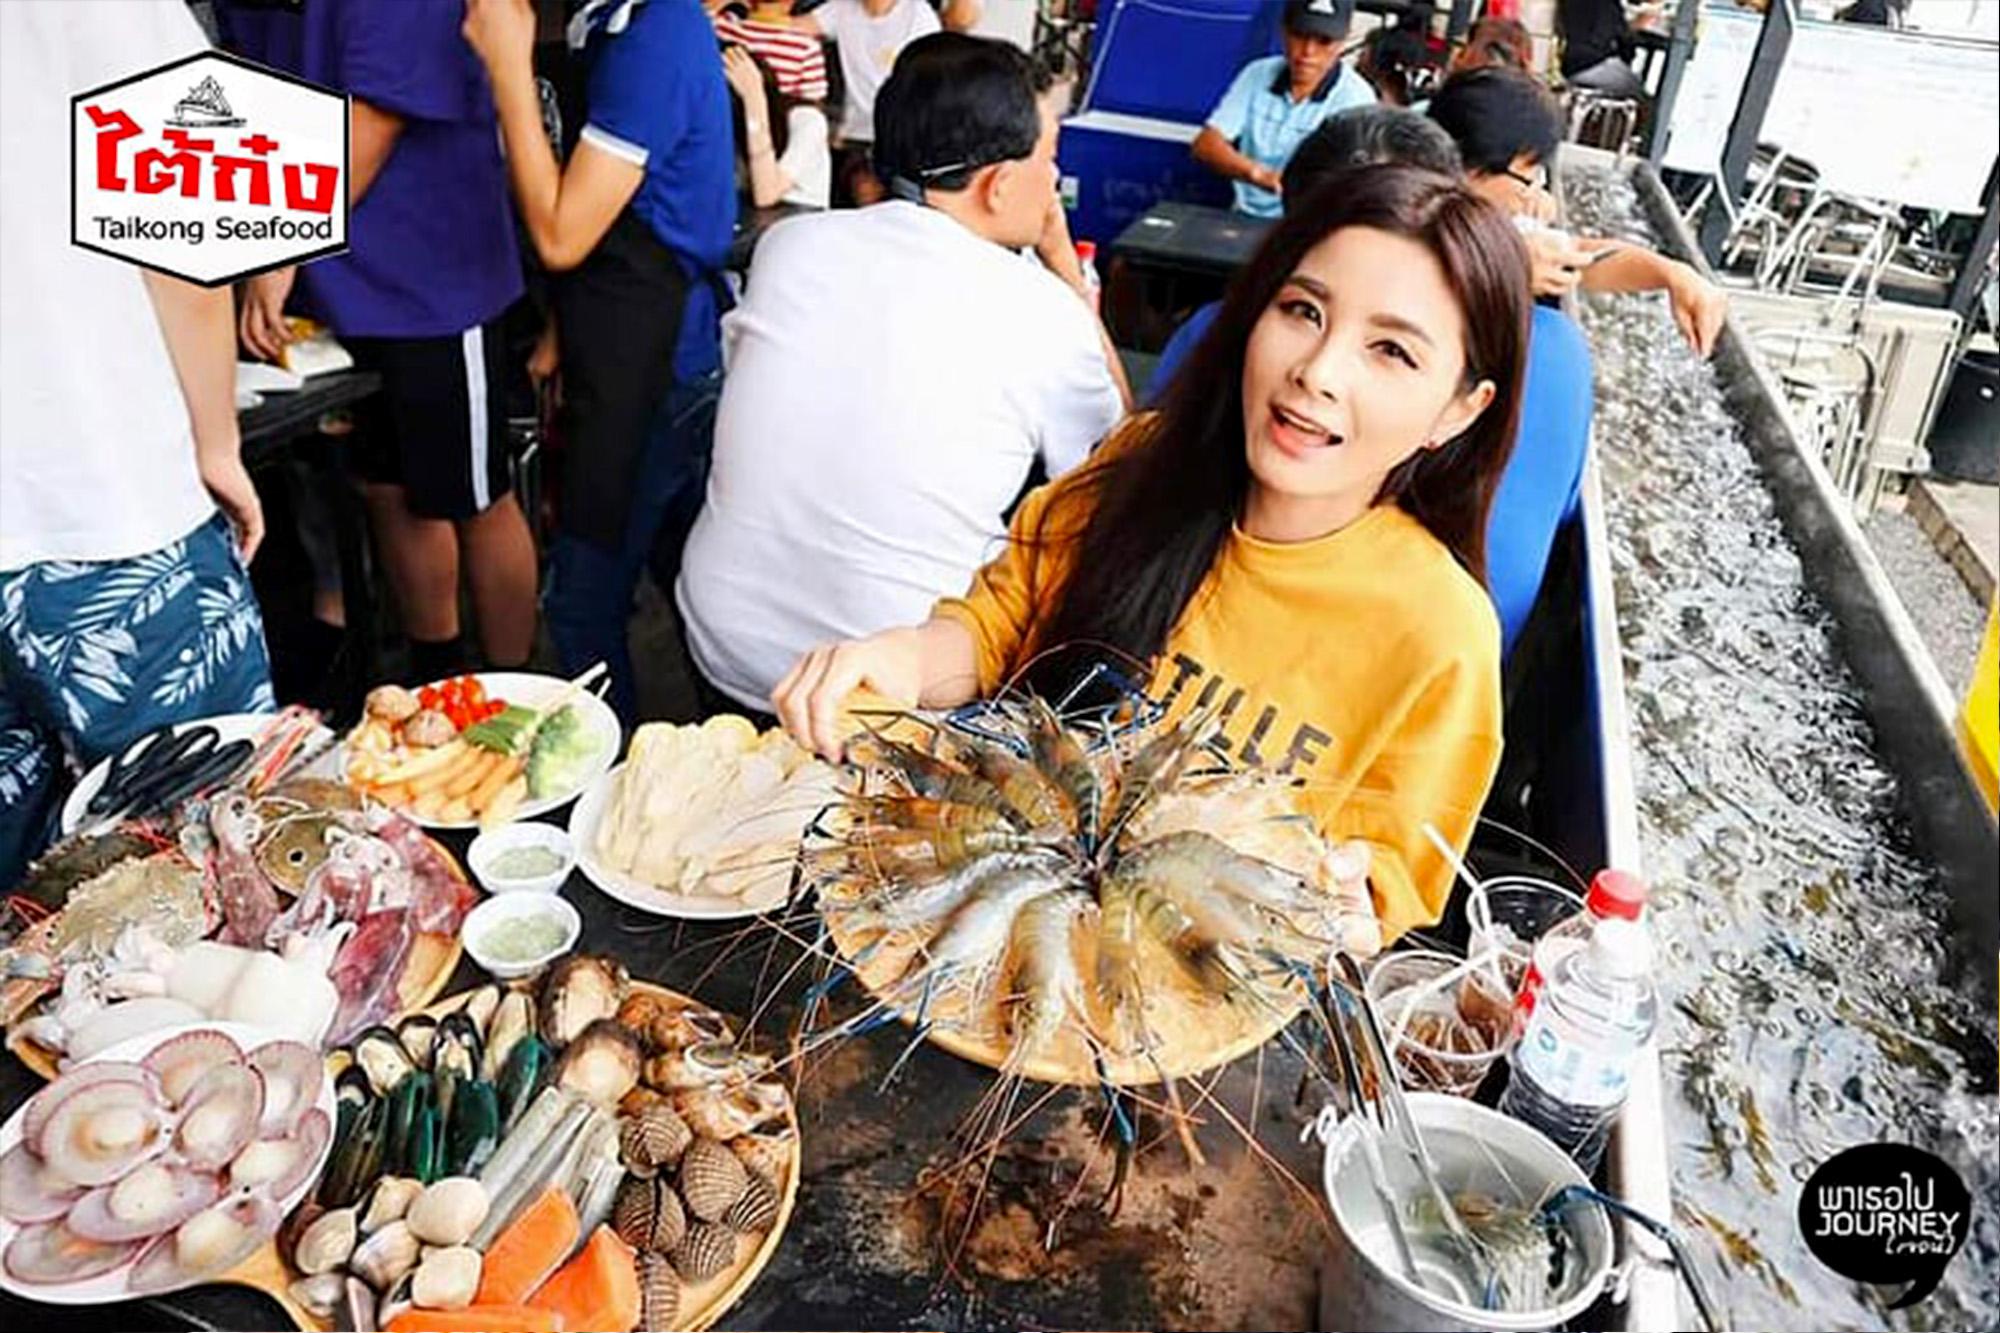 曼谷流水蝦吃到飽3店指南!吃泰國蝦就近玩曼谷洽圖洽市集、火車夜市、Big C